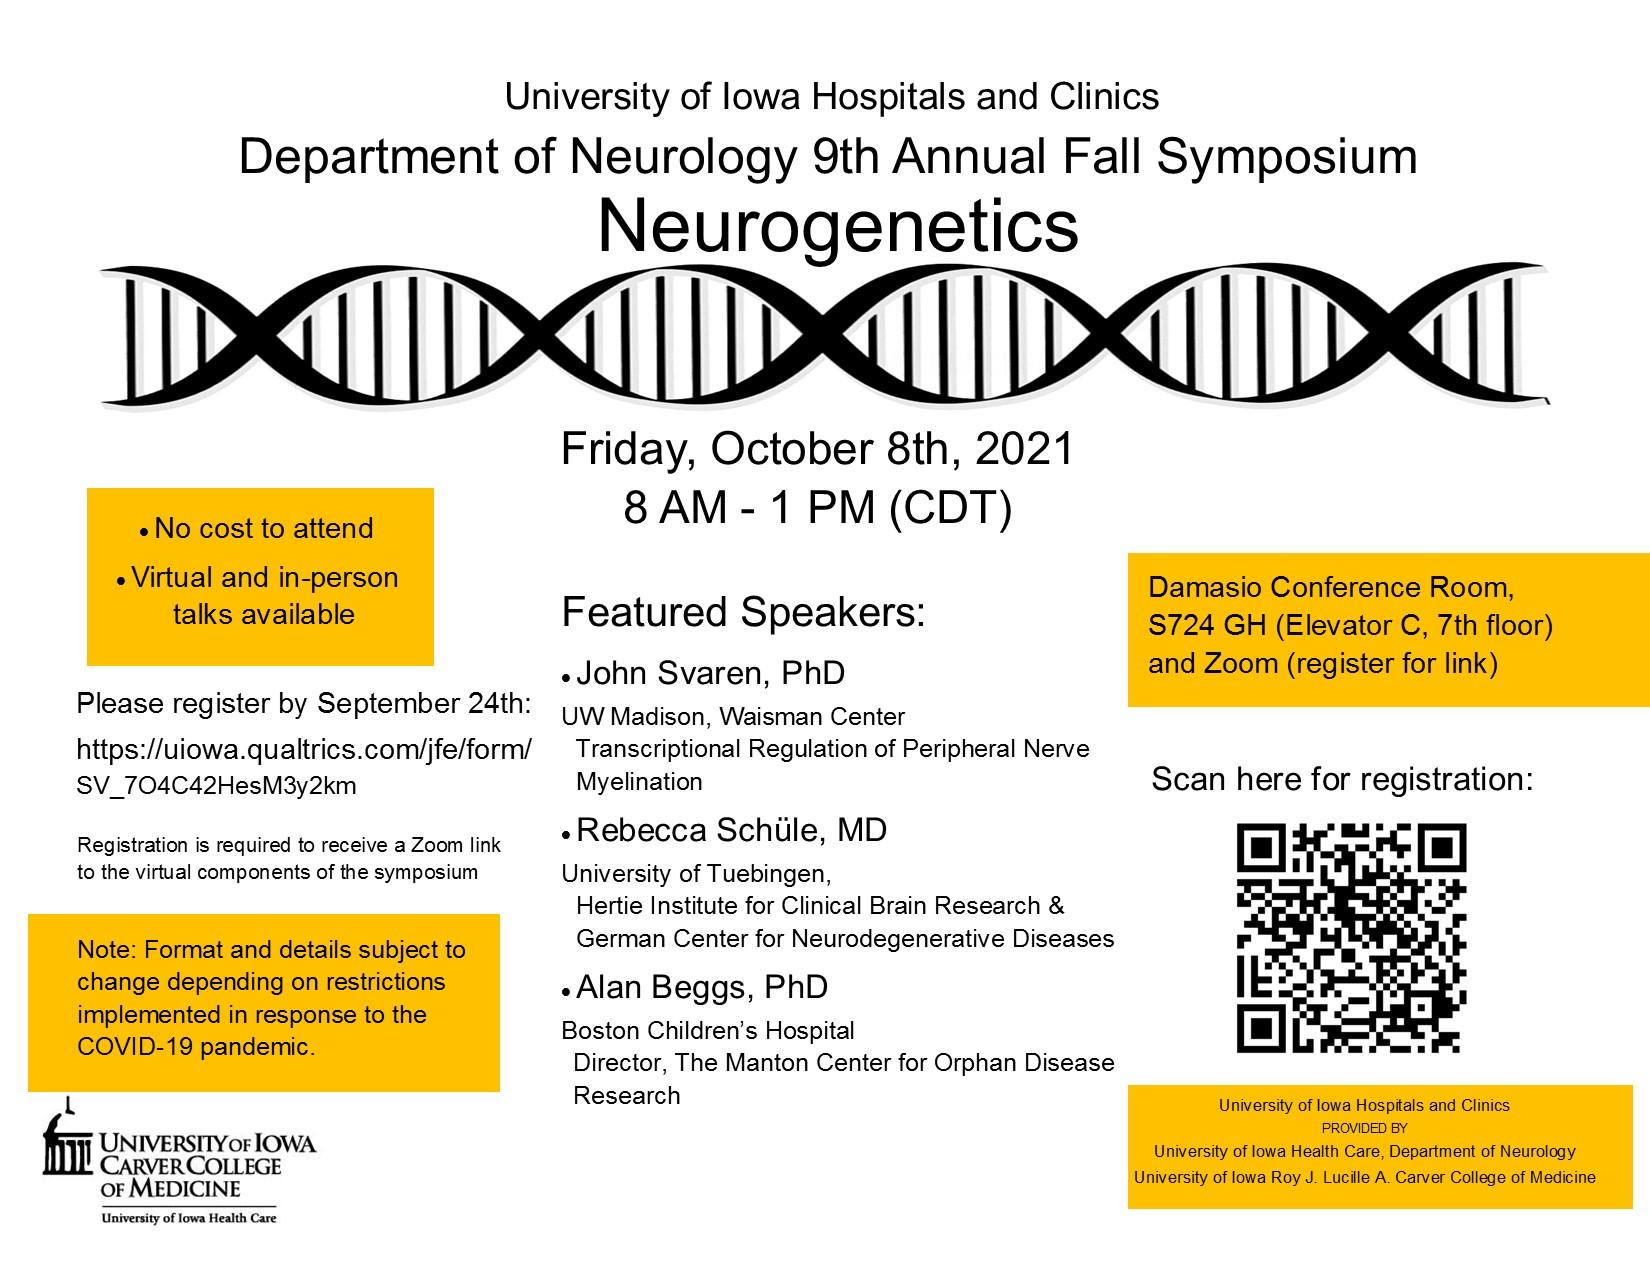 Neurogenetics Symposium Flyer 2021